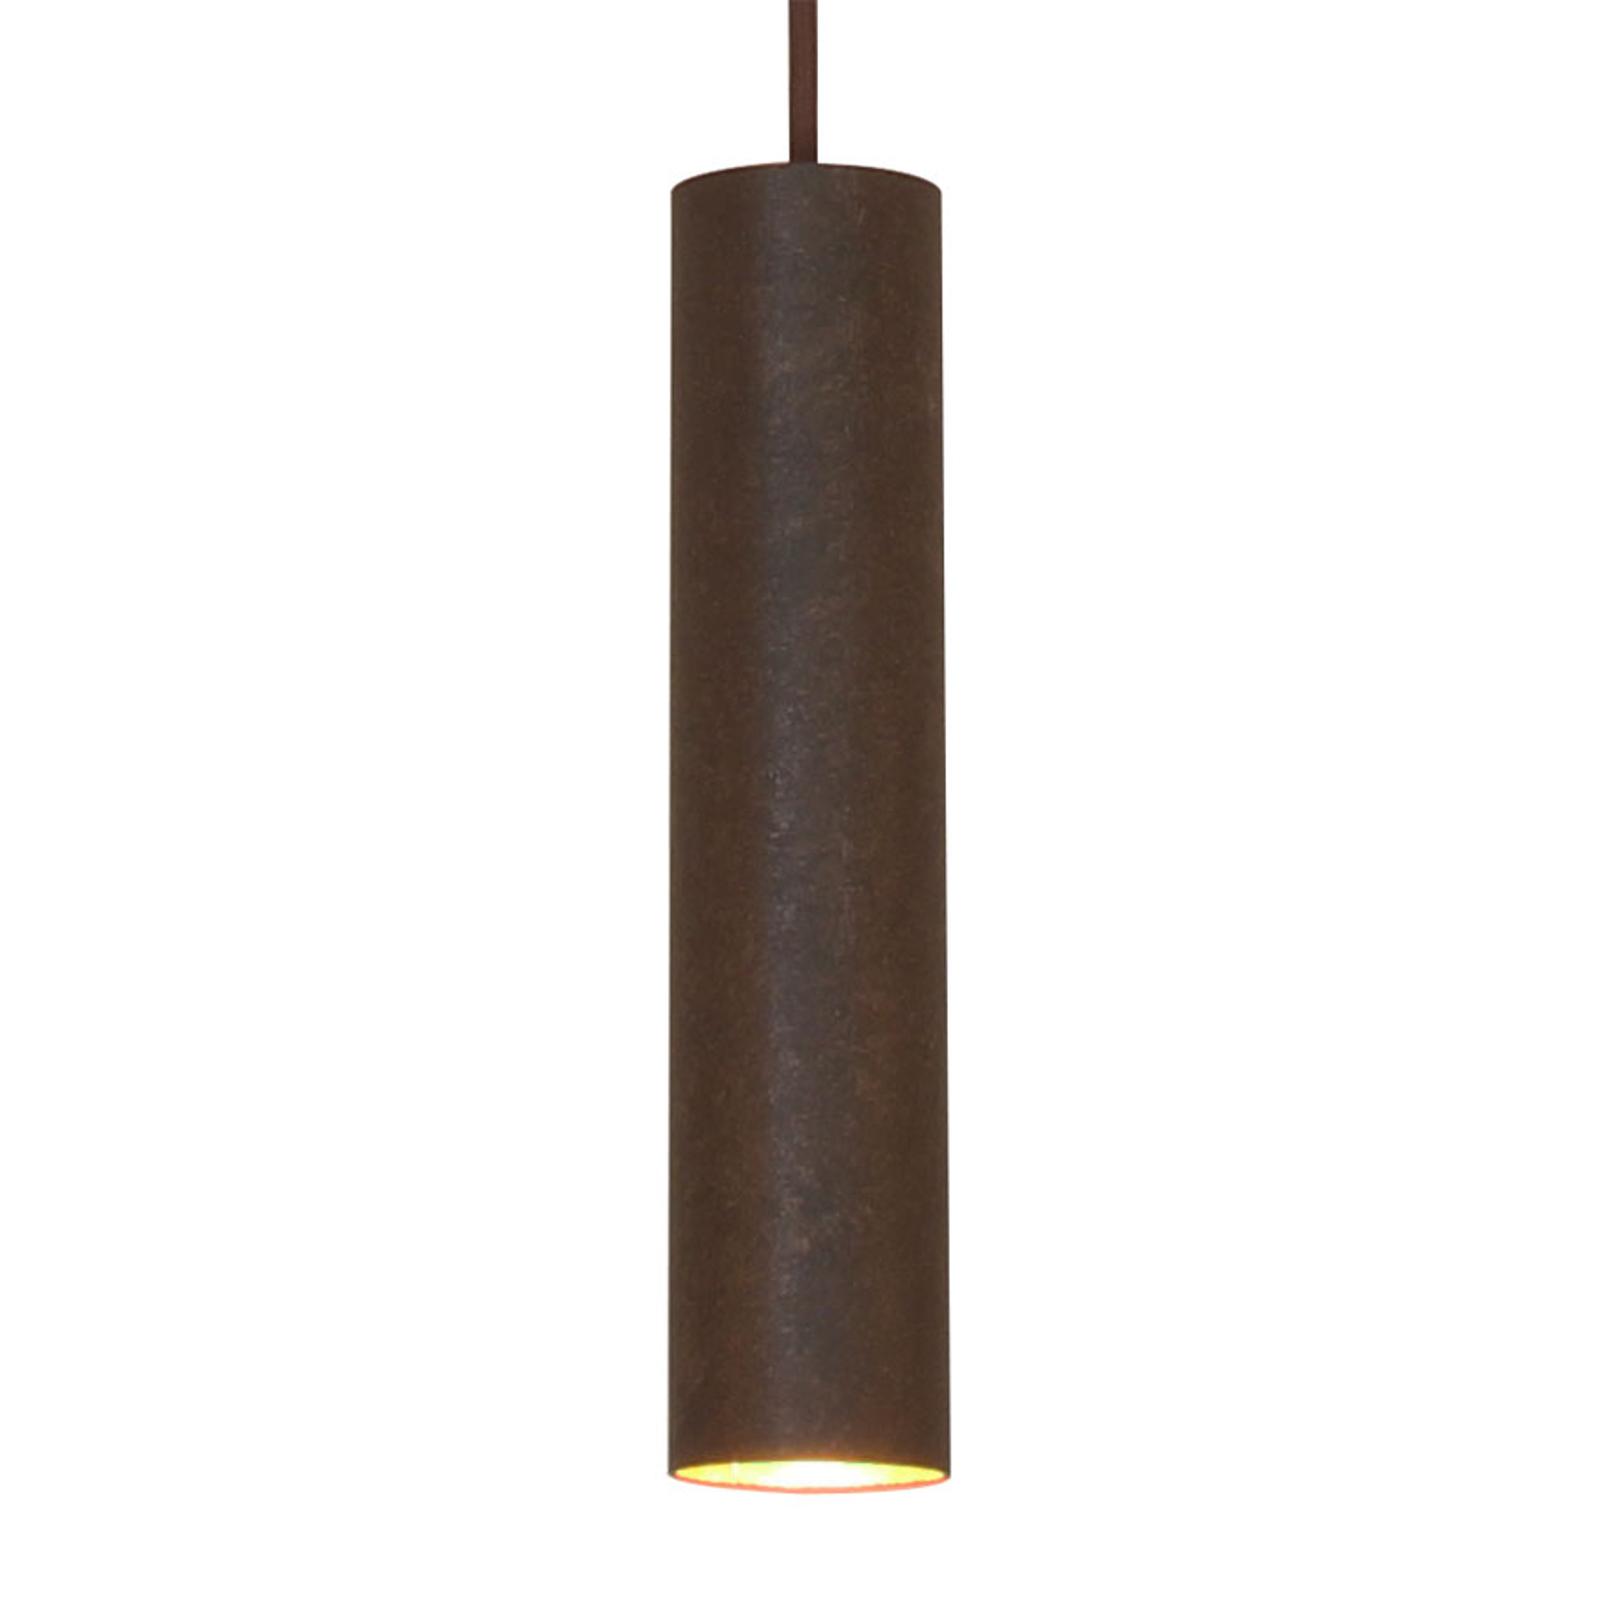 Menzel Solo Pipe lampa wisząca brązowo-czarna